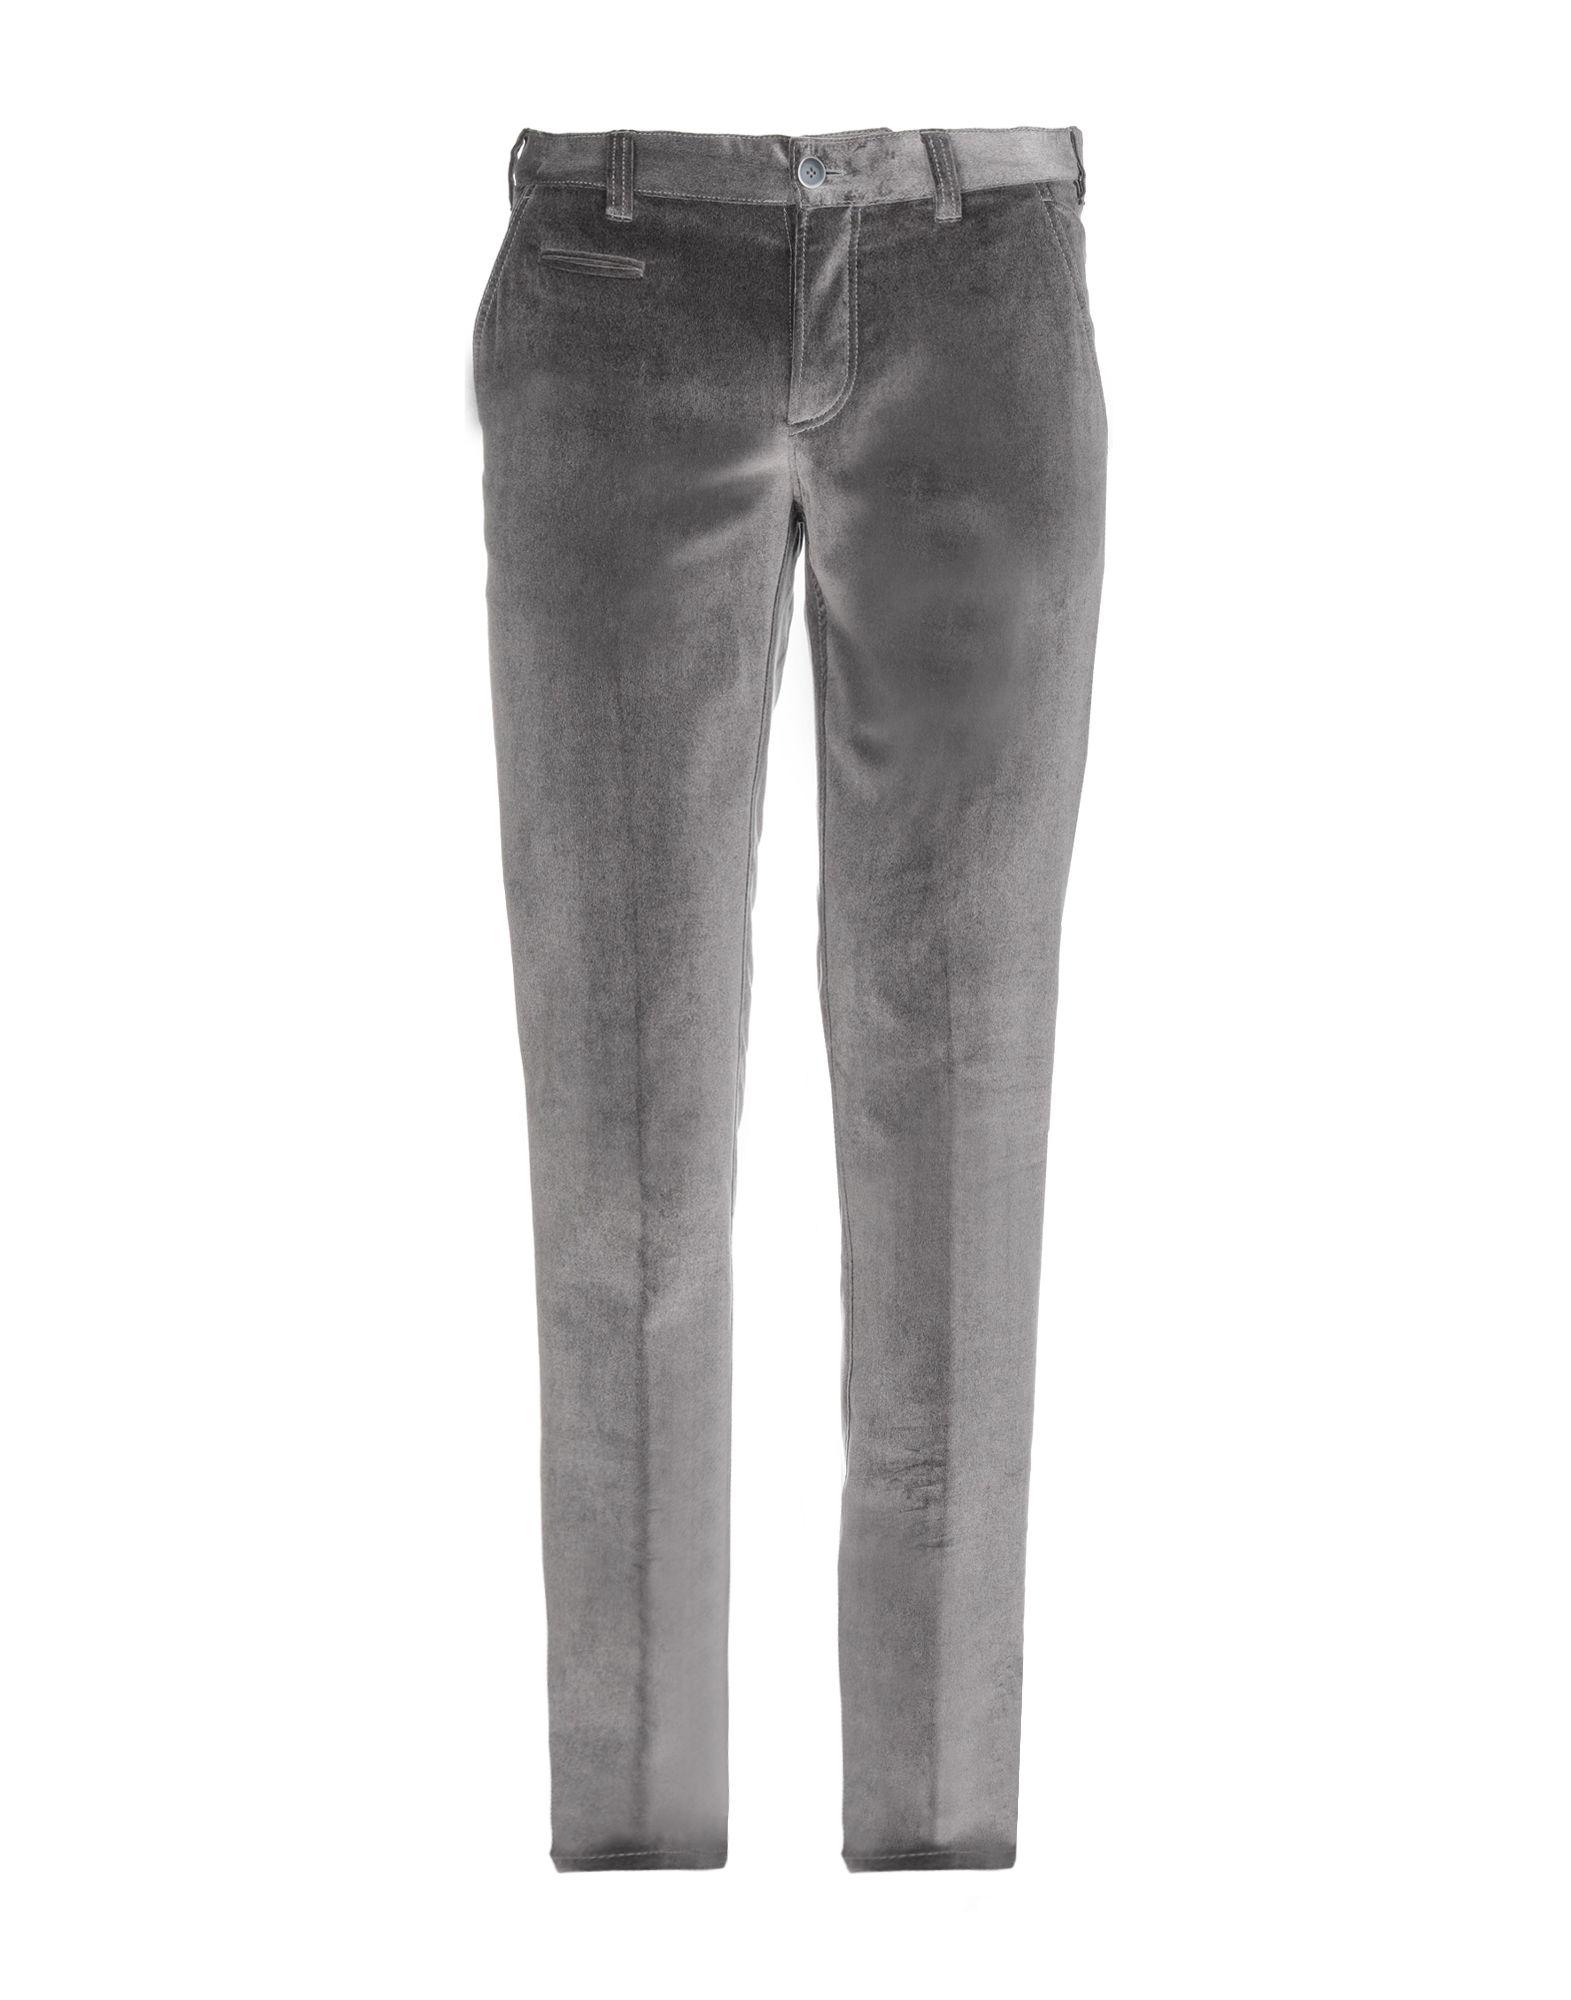 CC COLLECTION CORNELIANI Повседневные брюки playboy vip collection мужские повседневные брюки прямые стройные брюки